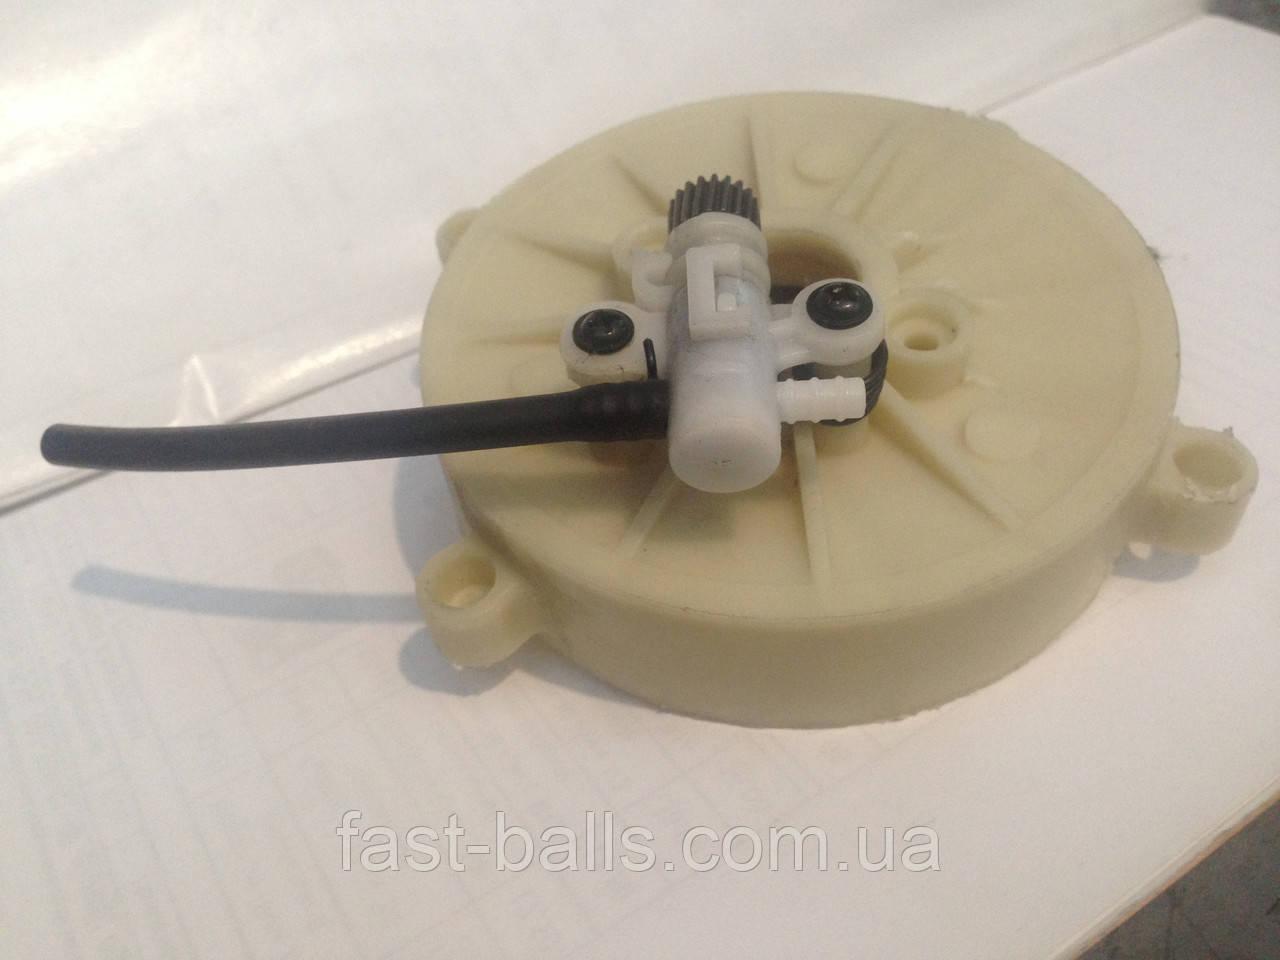 Масляный насос в сборе для электропилы